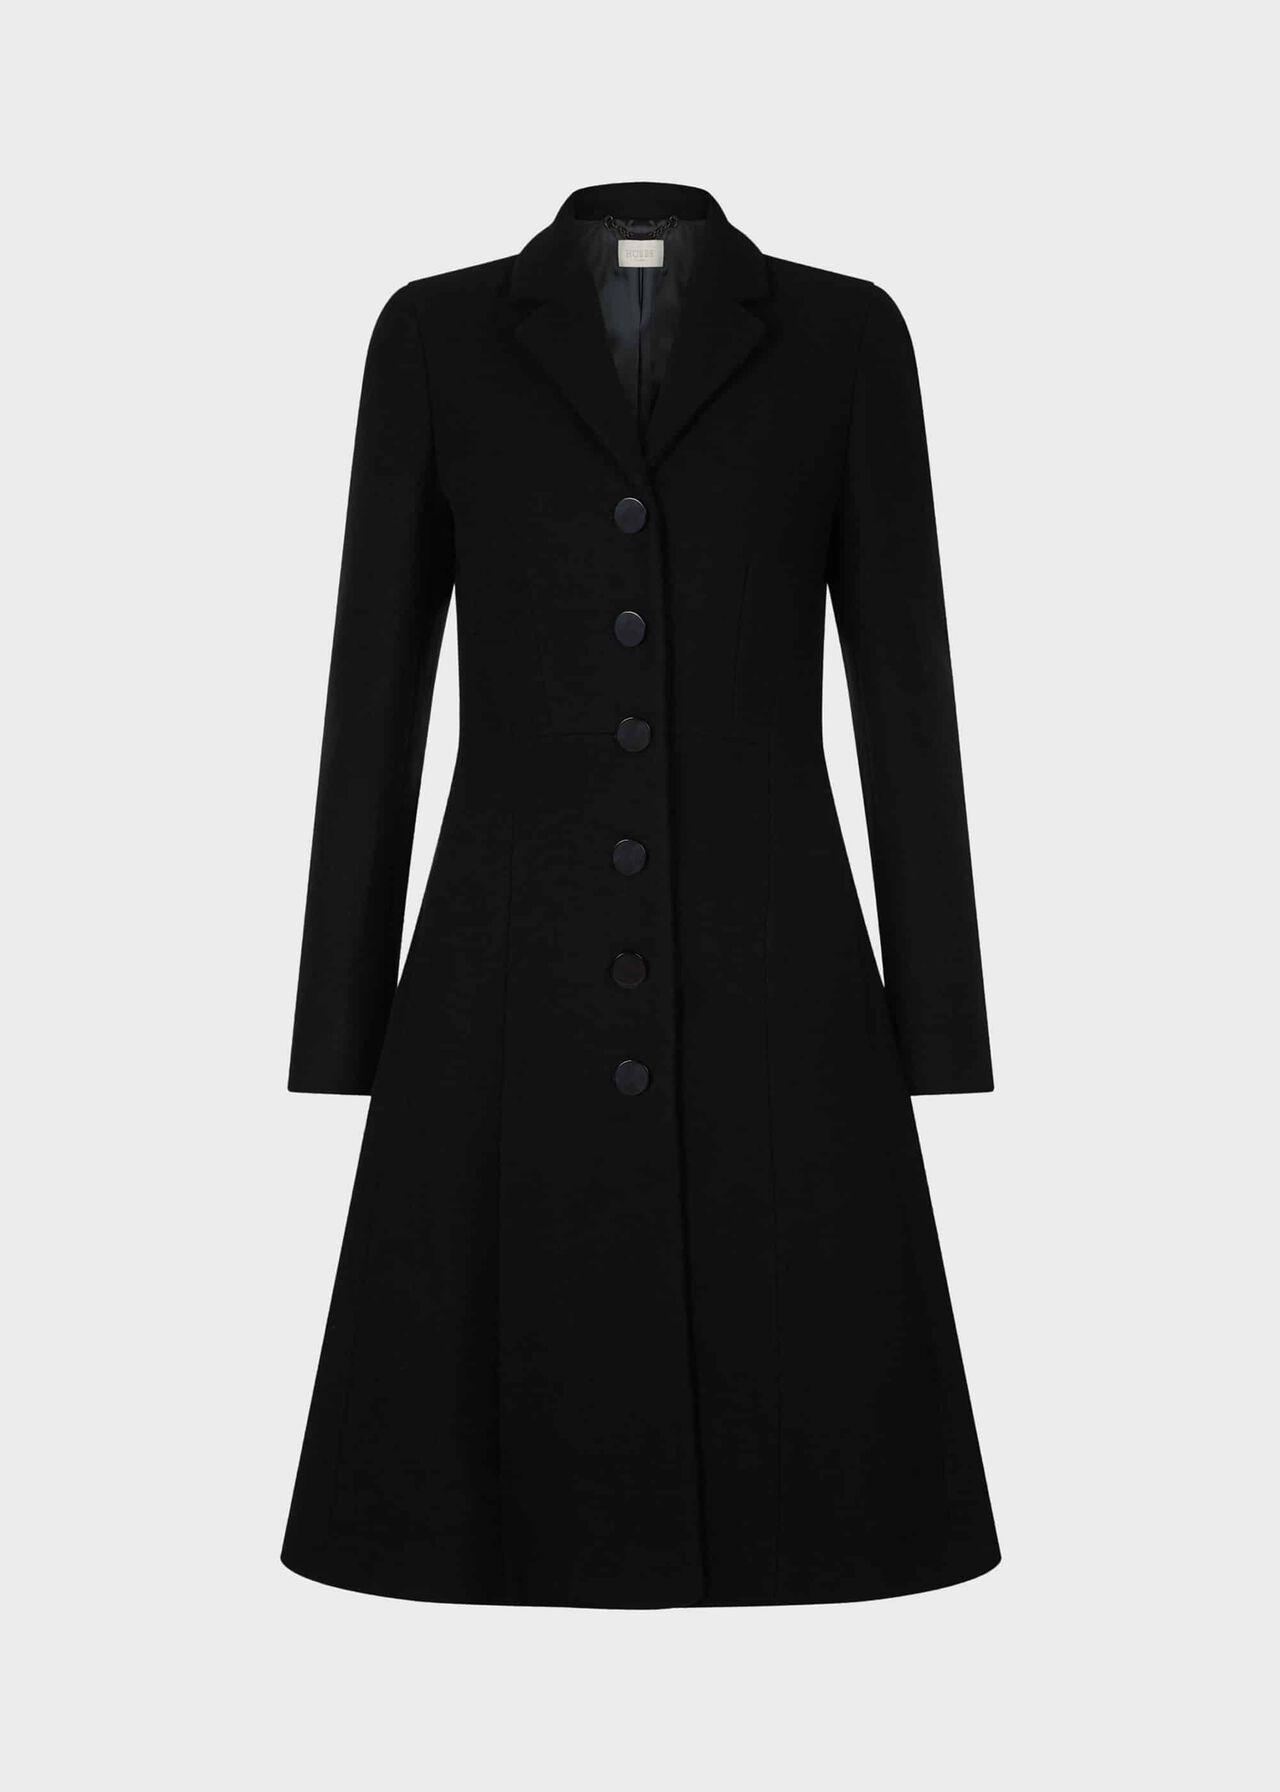 Milly Wool Blend Coat Black